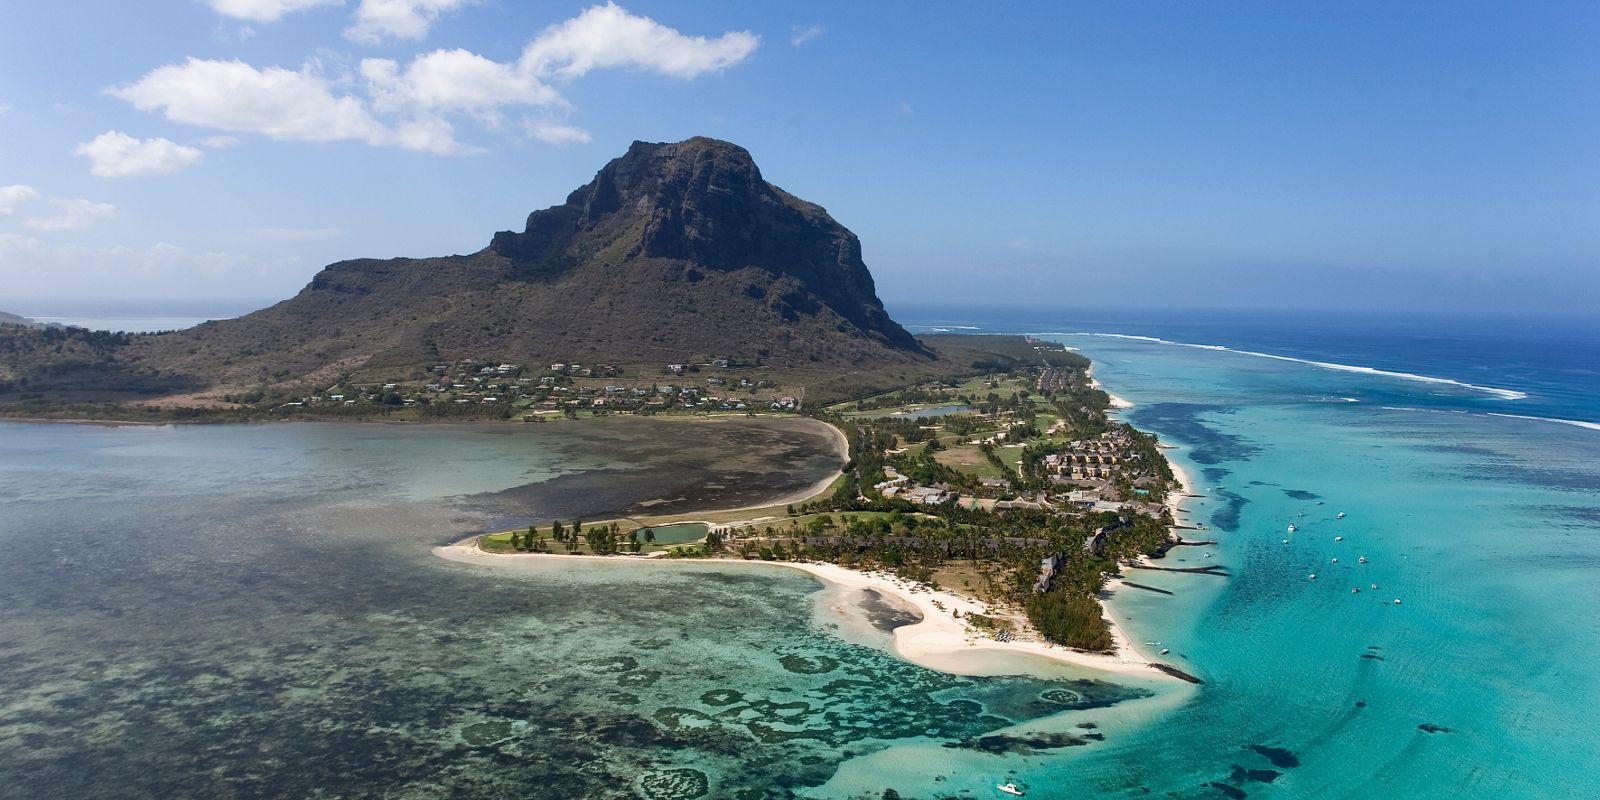 Vogelperspektive über die Strände und Berge von Mauritius